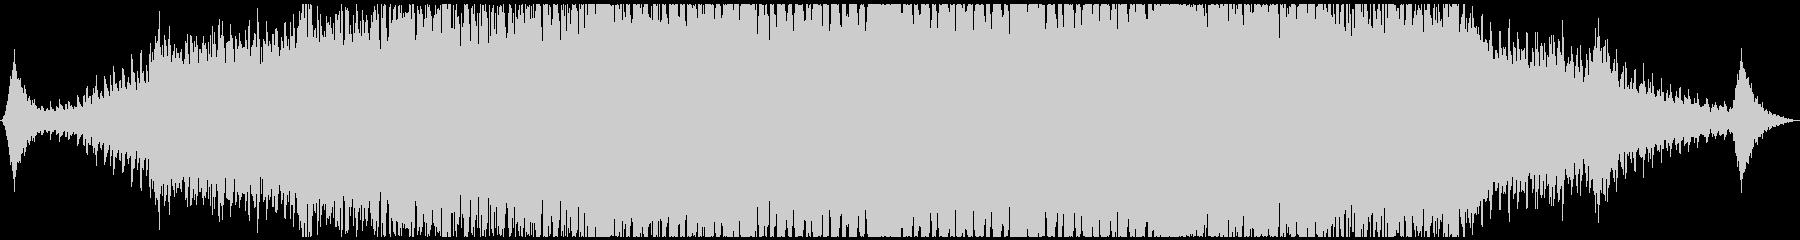 クラブ/エレクトロニカ/アンビエントの未再生の波形